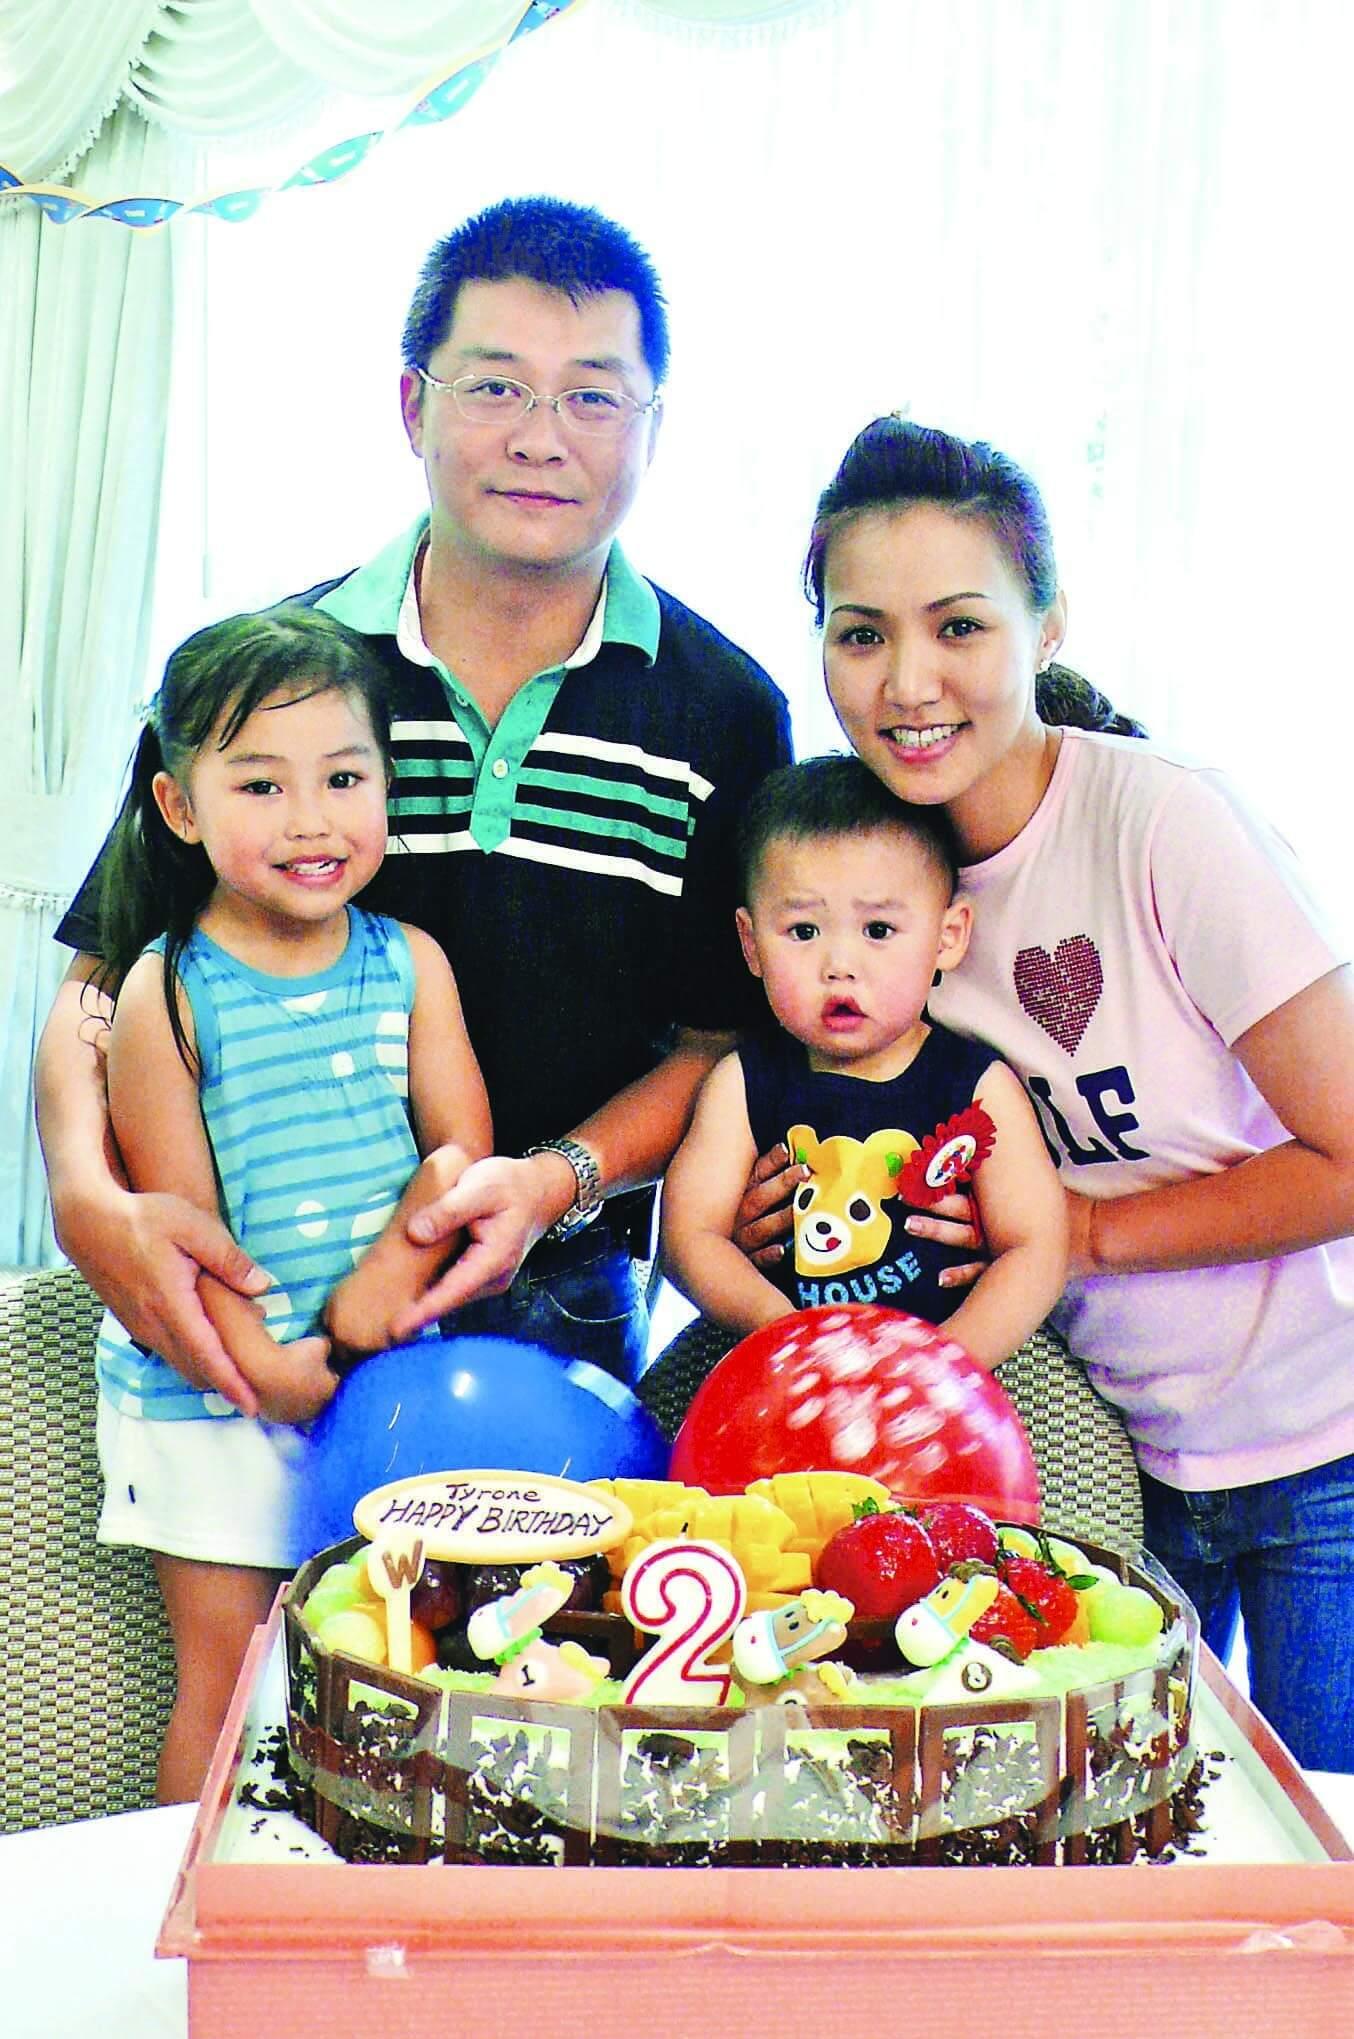 黎瑞恩與丈夫、兒子及女兒圖片由受訪者提供l1010948.jpg